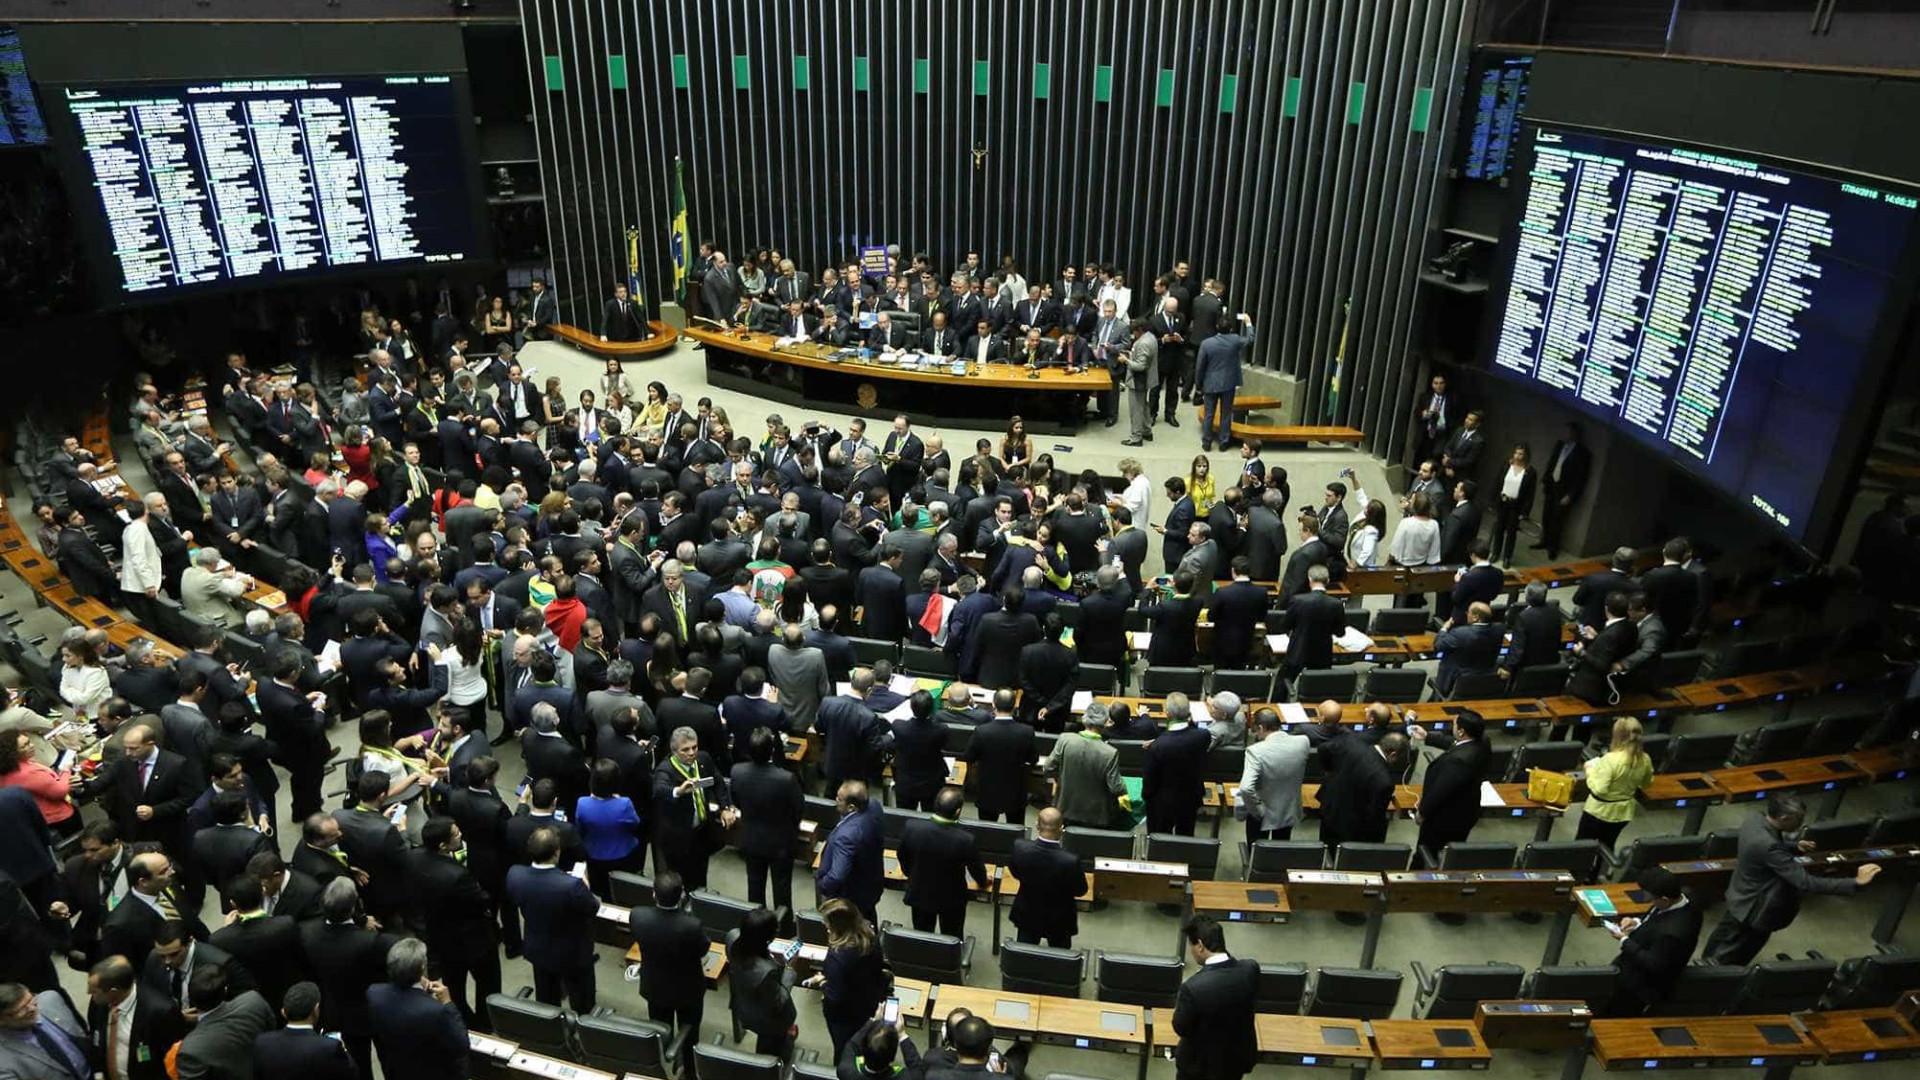 Globo transmitirá ao vivo a votação de denúncia contra Temer